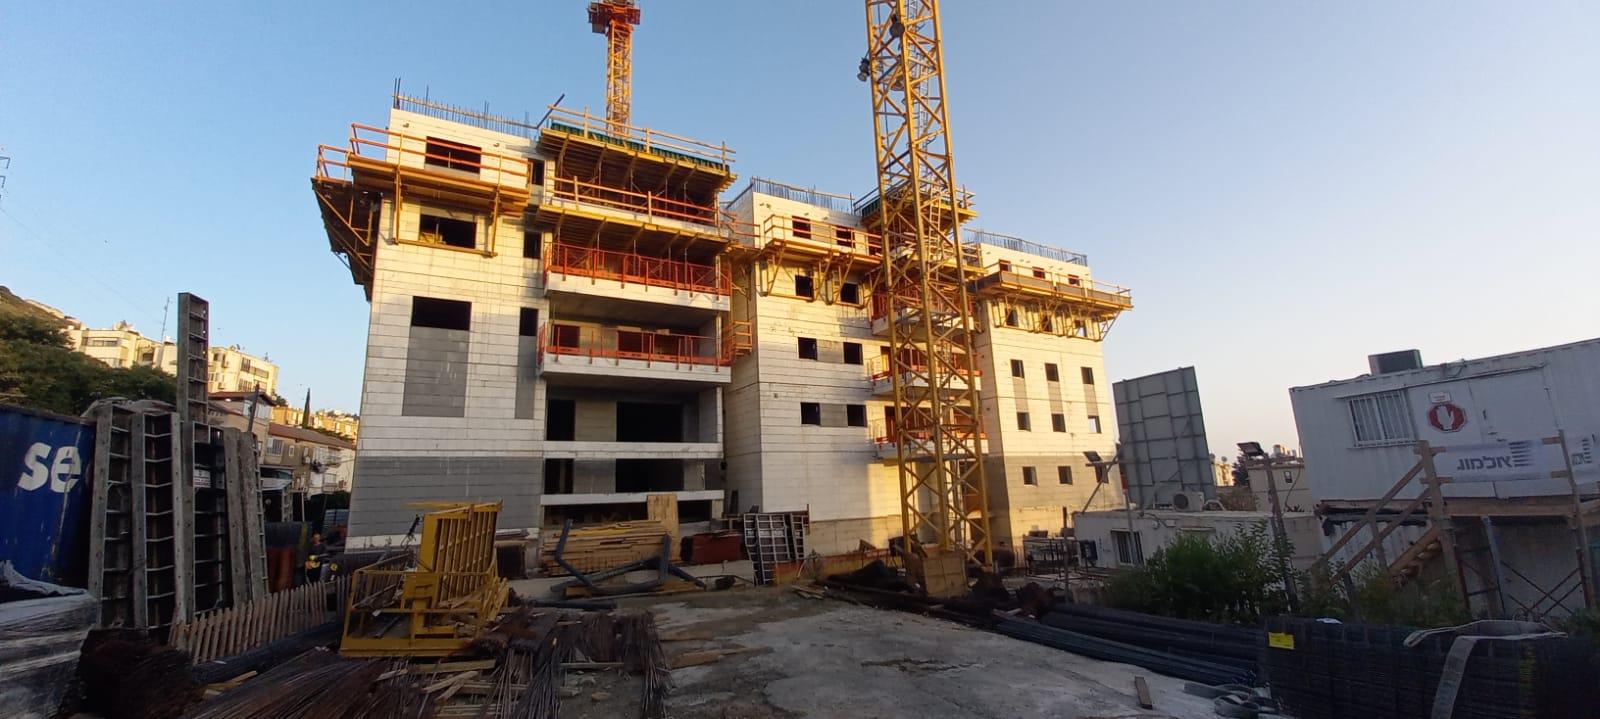 עבודות שלד קומה 7 | עבודות טיח וצבע חניון | אינסטלציה קומה 1 08.07.2021